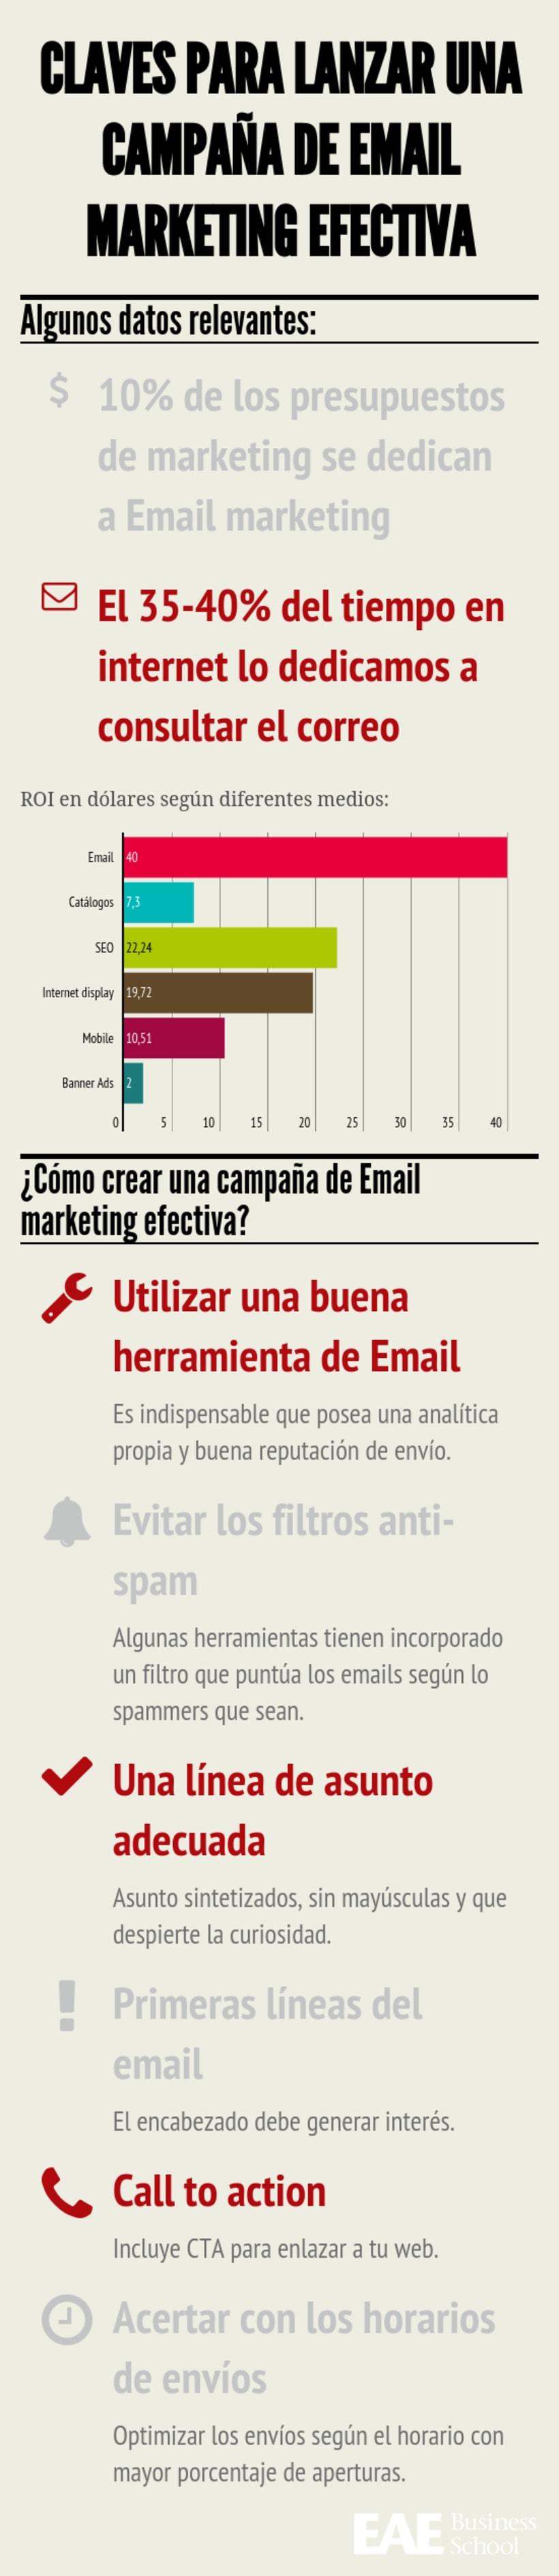 Claves para crear una campaña de Email Marketing efectiva -1